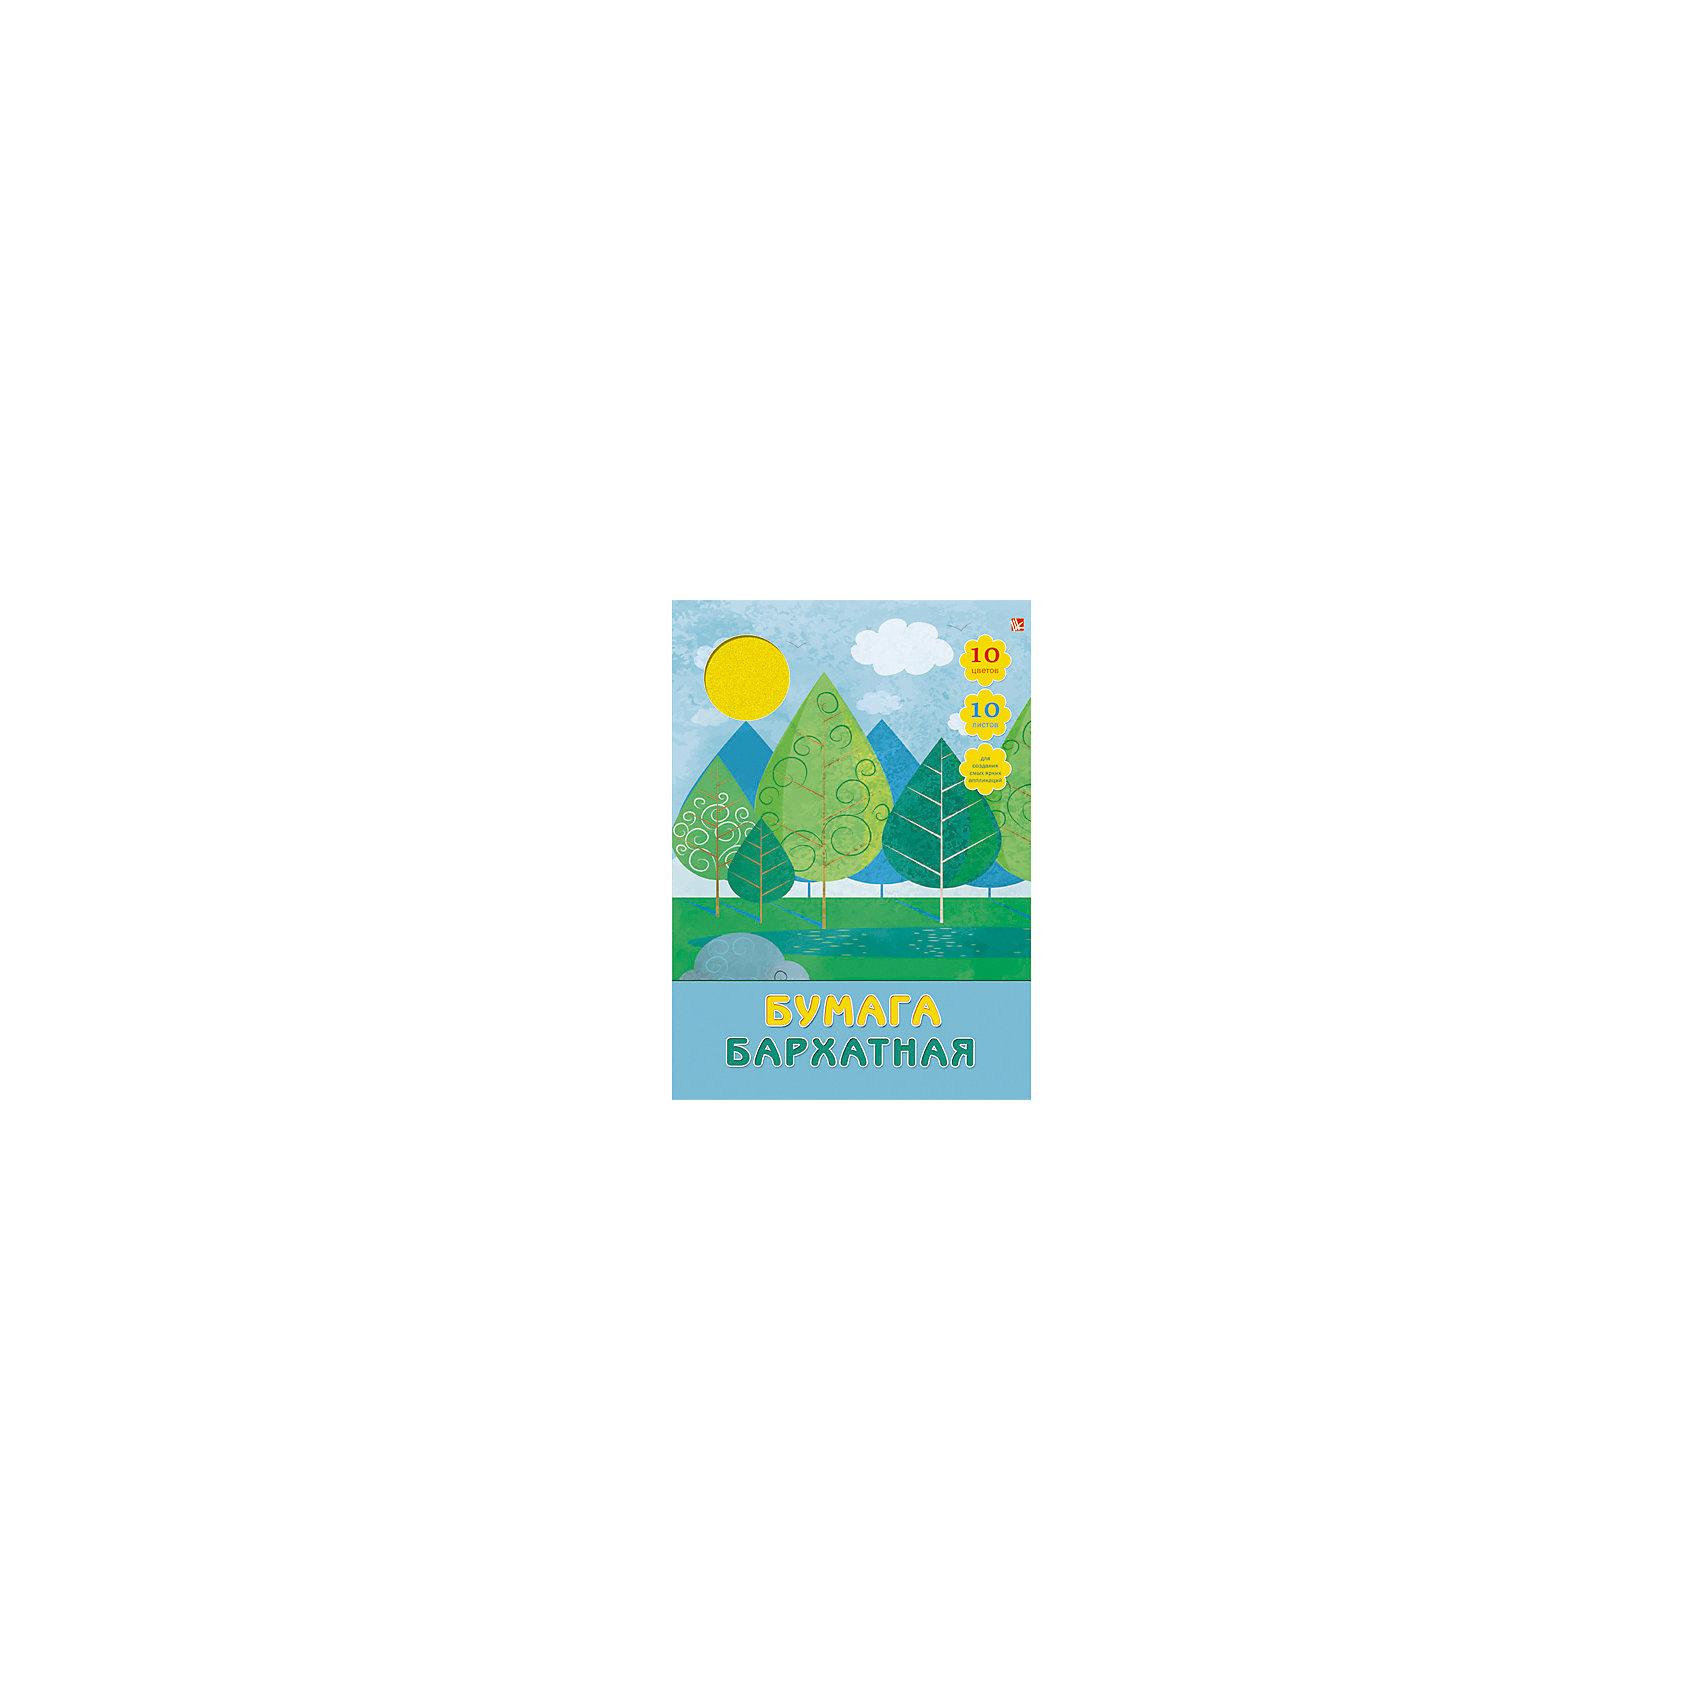 Бархатная бумага Дивный лес, 10л, 10цвБумажная продукция<br>Бархатная бумага Дивный лес. <br>В папке 10 листов, 10 различных цветов. Эта бумага станет лучшим помощников в создании ярких и необычных аппликаций и поделок!<br><br>Дополнительная информация:<br>Обложка: картон<br>Количество листов: 10(разноцветные)<br>Формат: А4<br>Бархатную бумагу Дивный лес вы можете приобрести в нашем интернет-магазине.<br><br>Ширина мм: 280<br>Глубина мм: 200<br>Высота мм: 7<br>Вес г: 124<br>Возраст от месяцев: 72<br>Возраст до месяцев: 2147483647<br>Пол: Унисекс<br>Возраст: Детский<br>SKU: 4942474